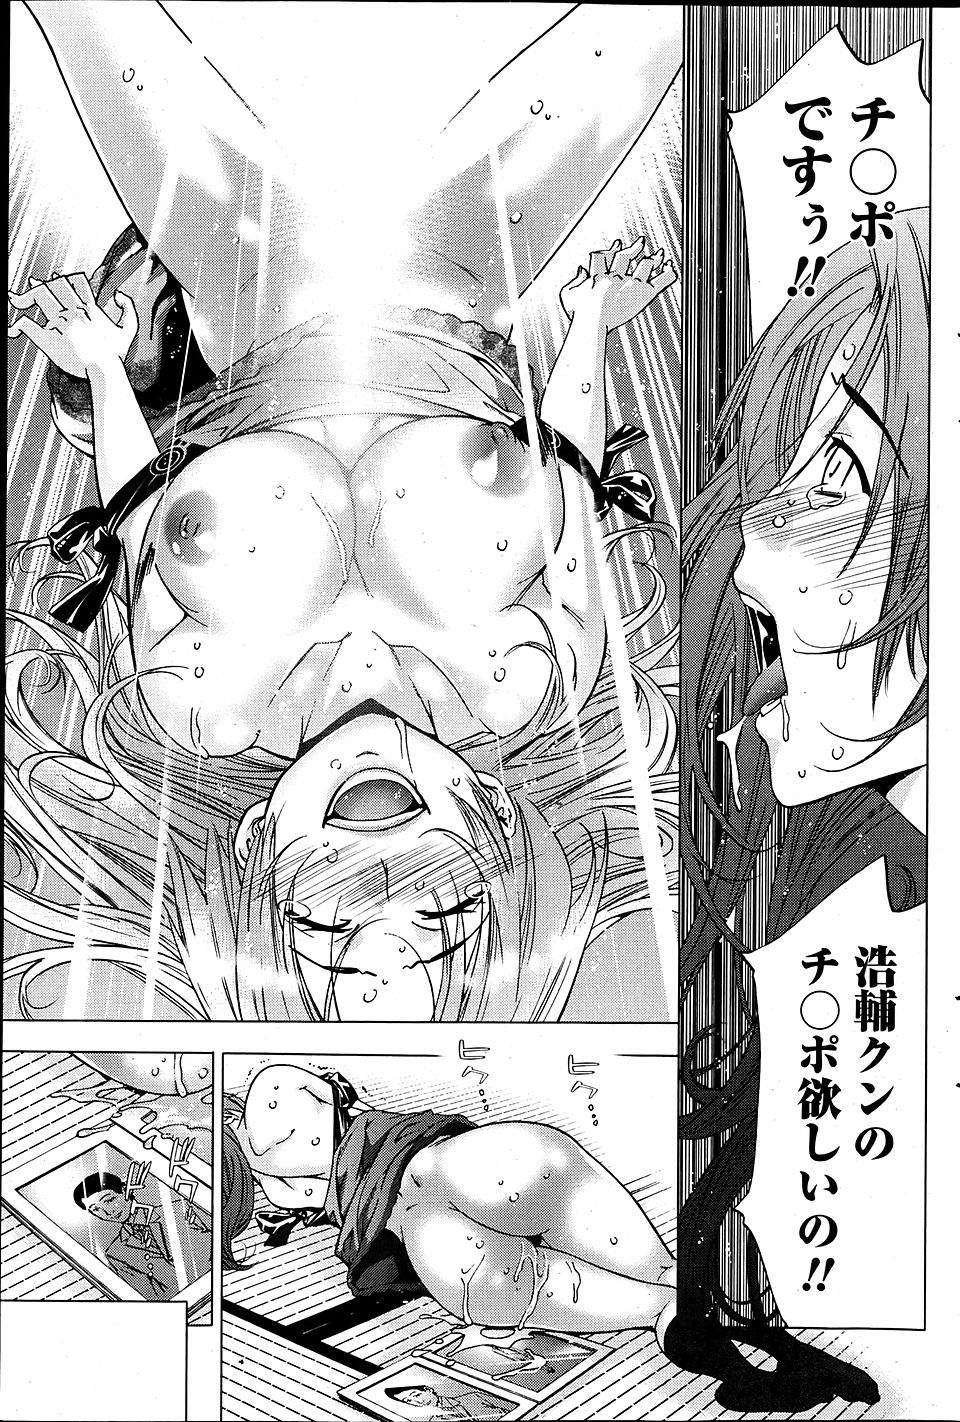 【エロ漫画・エロ同人誌】本当はエロい巨乳イトコを無理矢理エッチして本性開放したったwww (17)